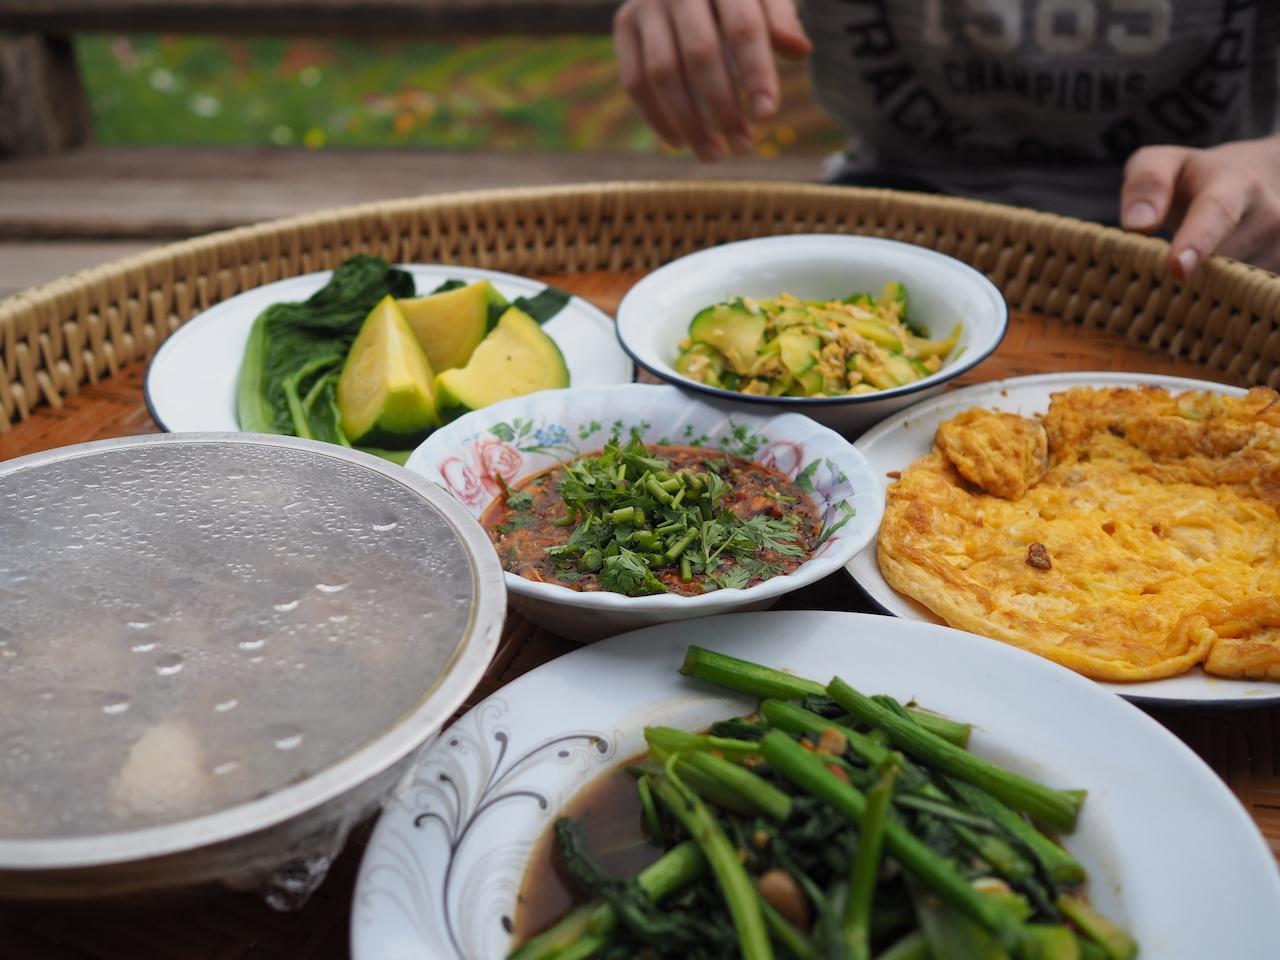 Une nuit dans les rizières de Ban Pa Pong Pieng dans la province de Chiang Mai : dîner avec vue de notre guest house